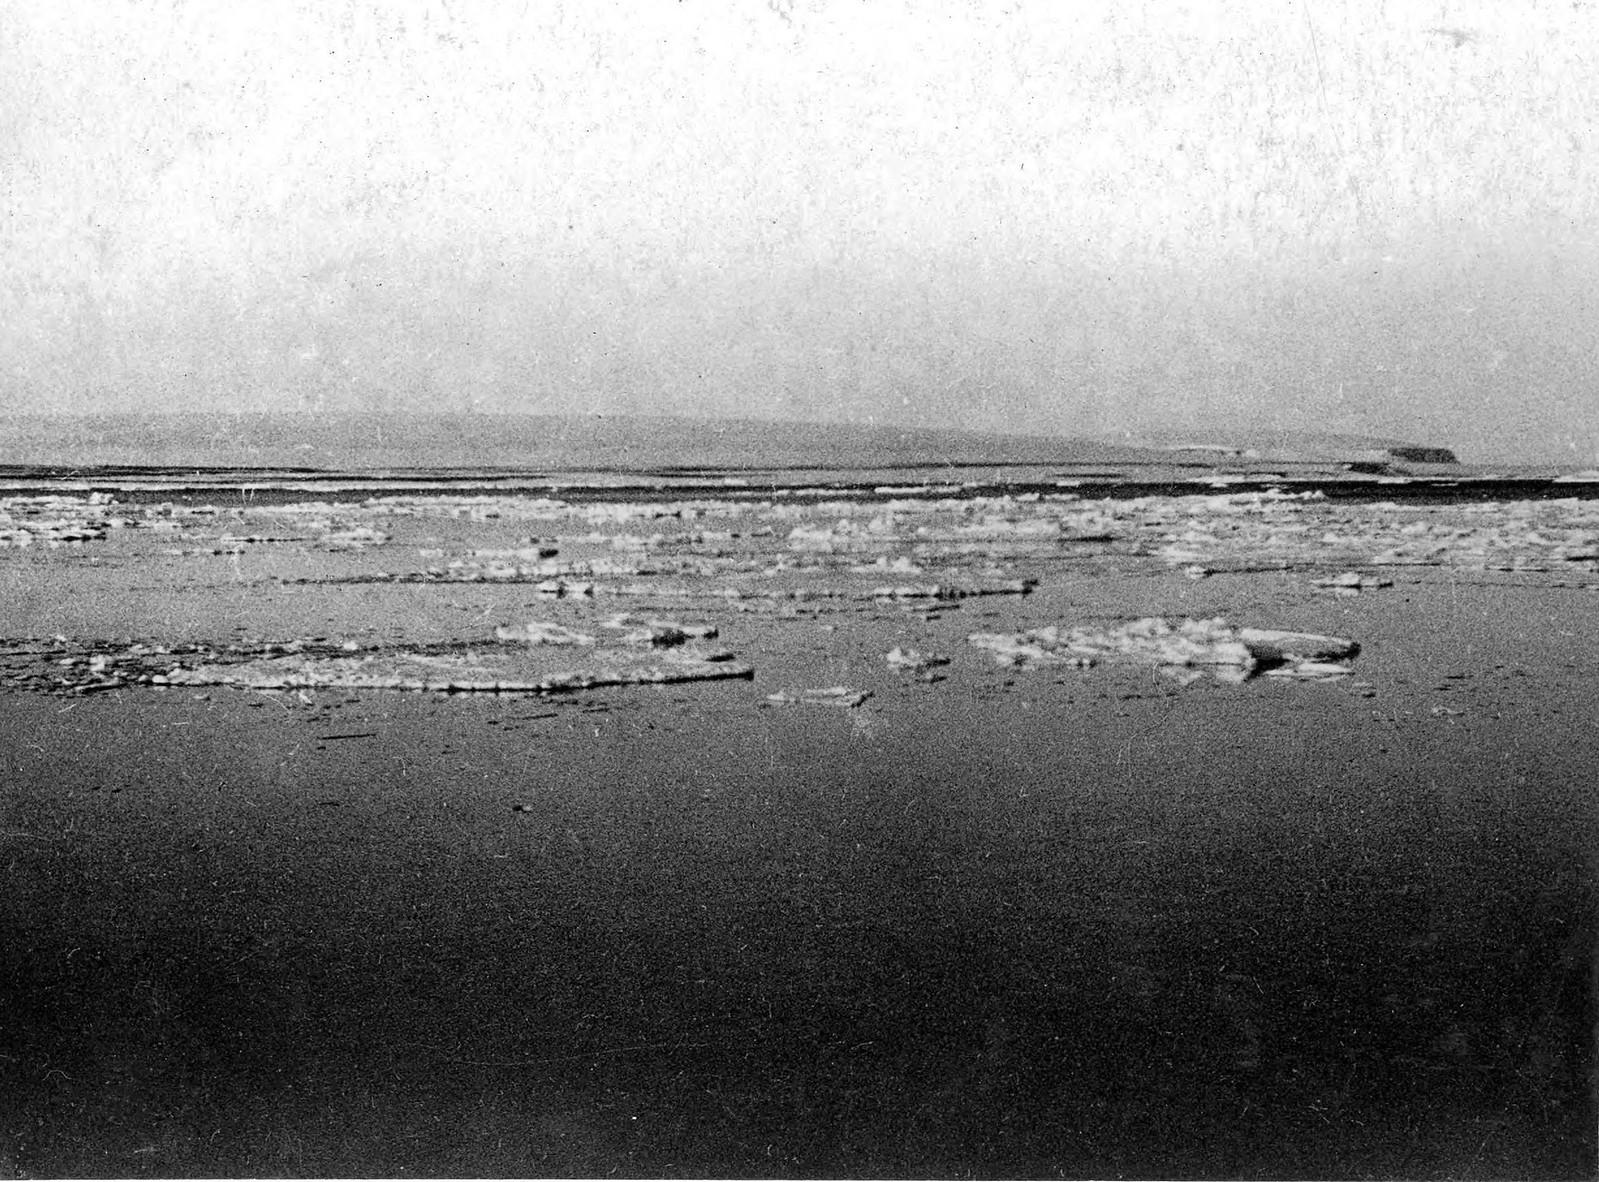 Плавающие льдины